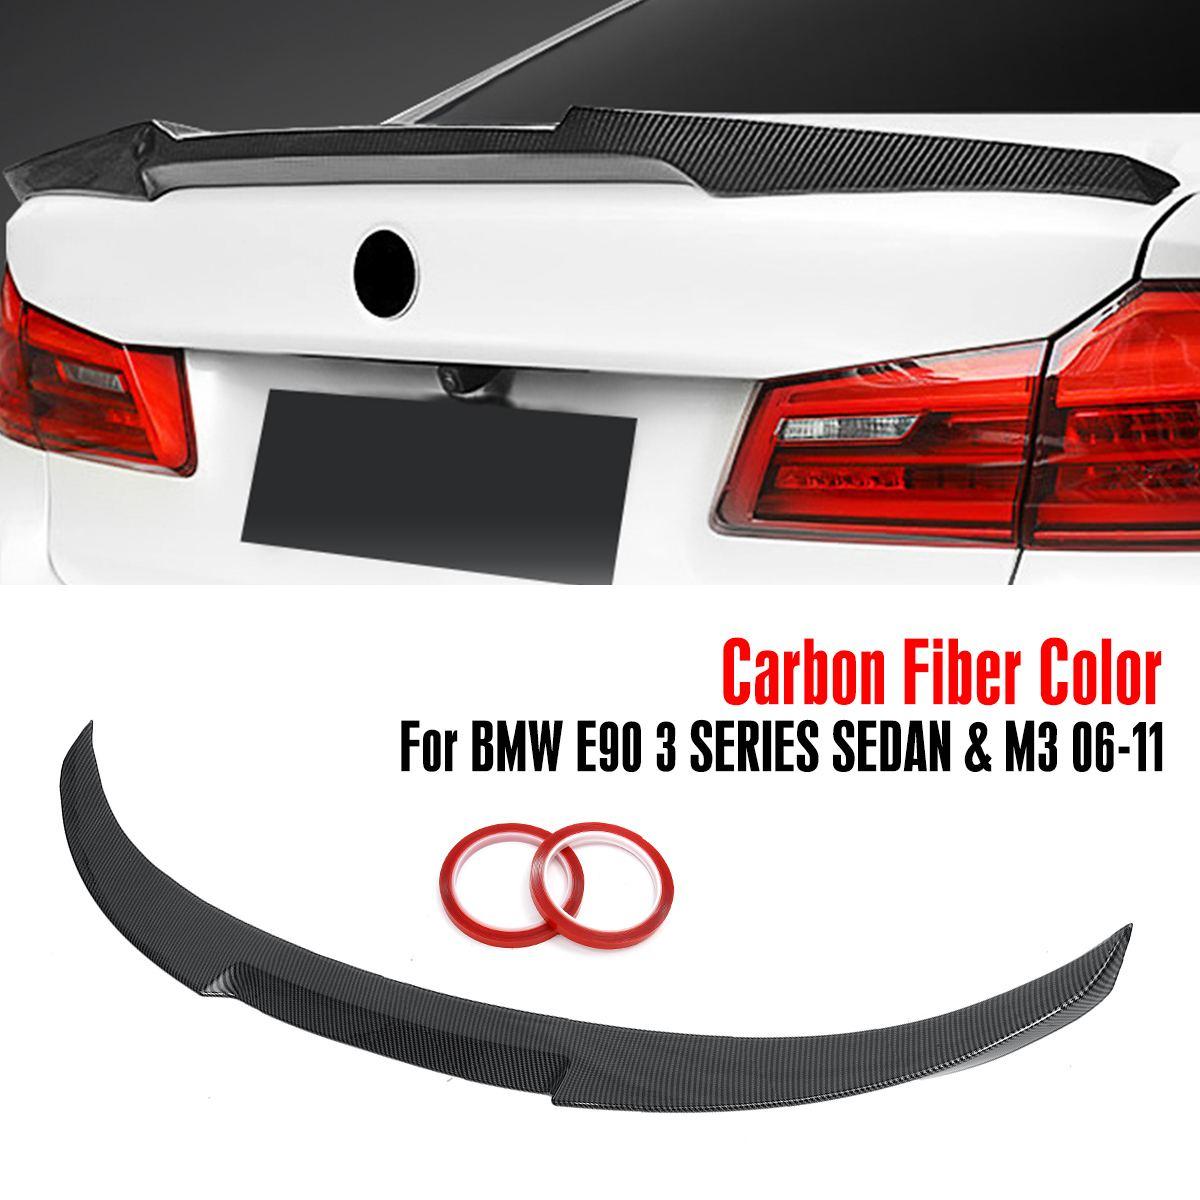 Style de Wing-M4 de spoiler de coffre d'abs de STYLE noir/fibre de carbone brillant pour 2006-2011 pour la berline de série de BMW E90 3 et M3 2008-12